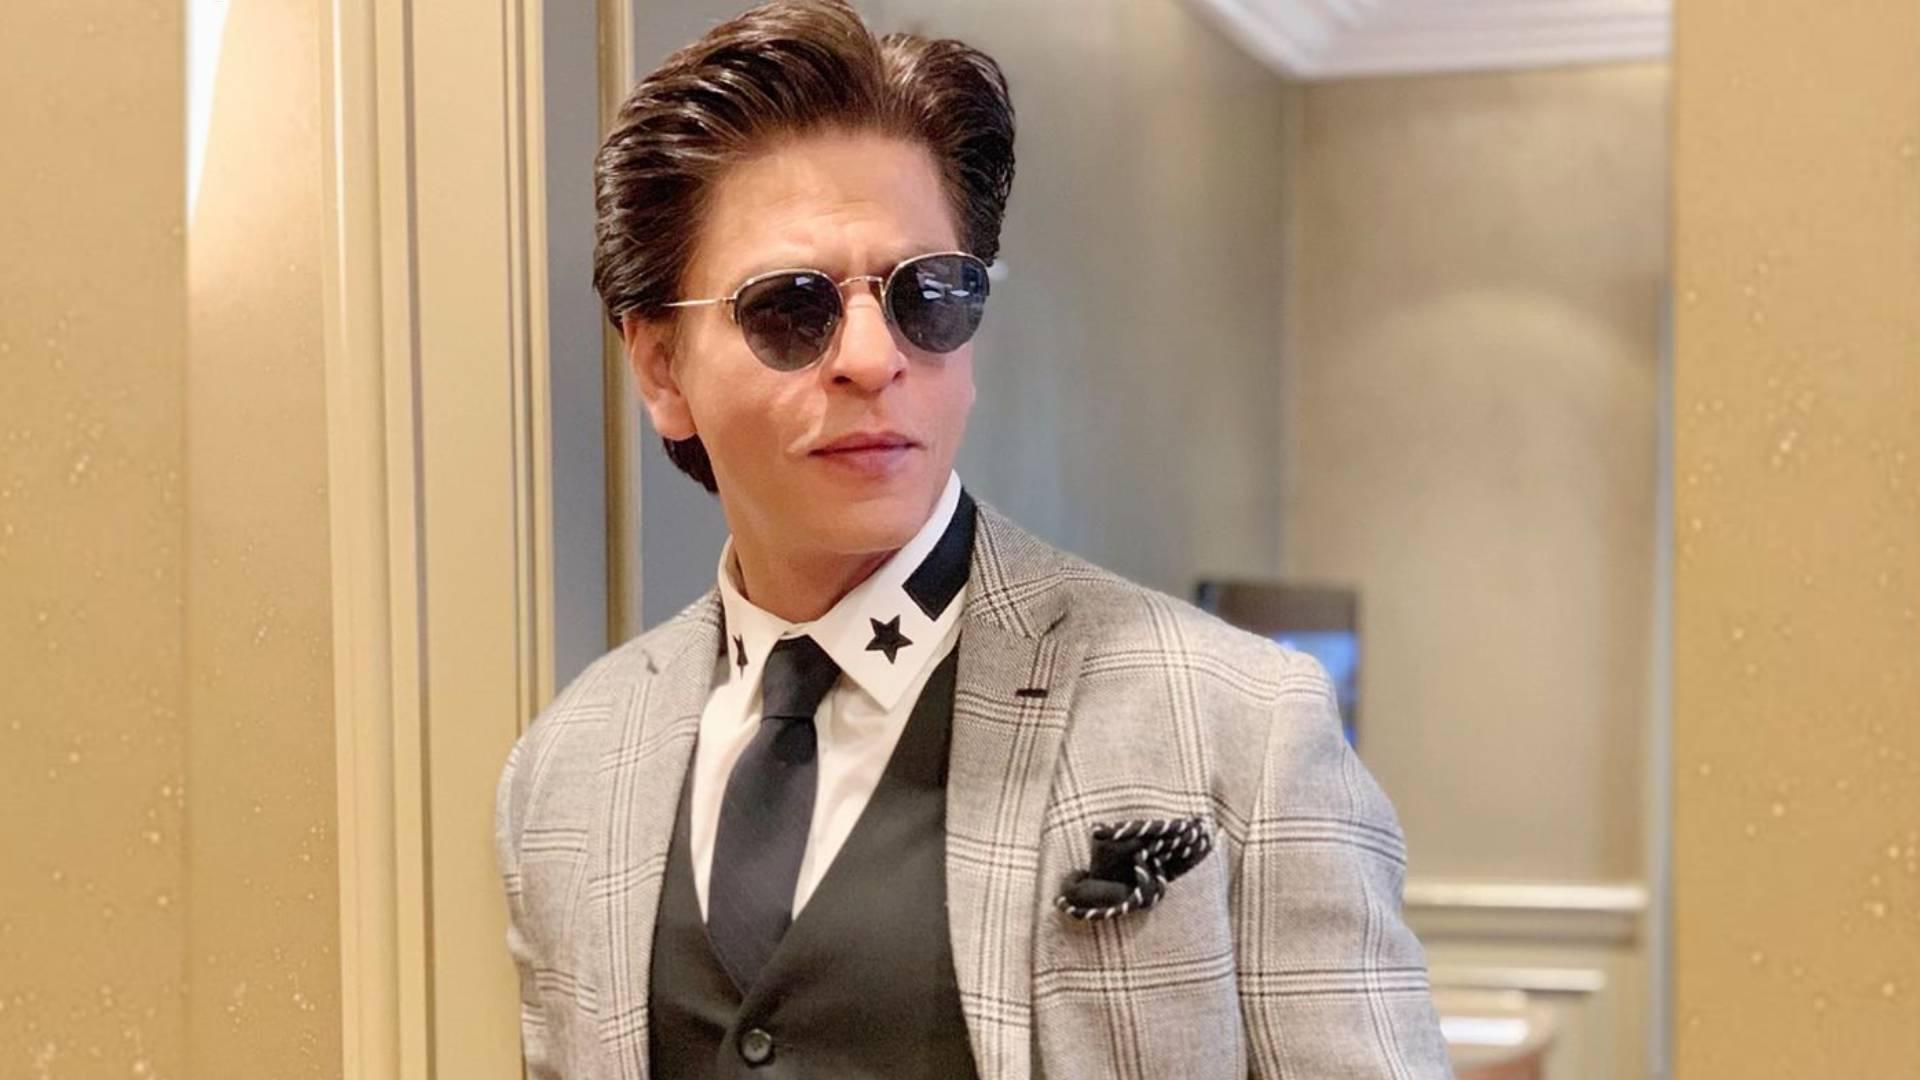 शाहरुख खान-राजकुमार हिरानी संग नहीं, इस बड़े डायरेक्टर के साथ करेंगे काम, जानिए फिल्म की पूरी डिटेल्स